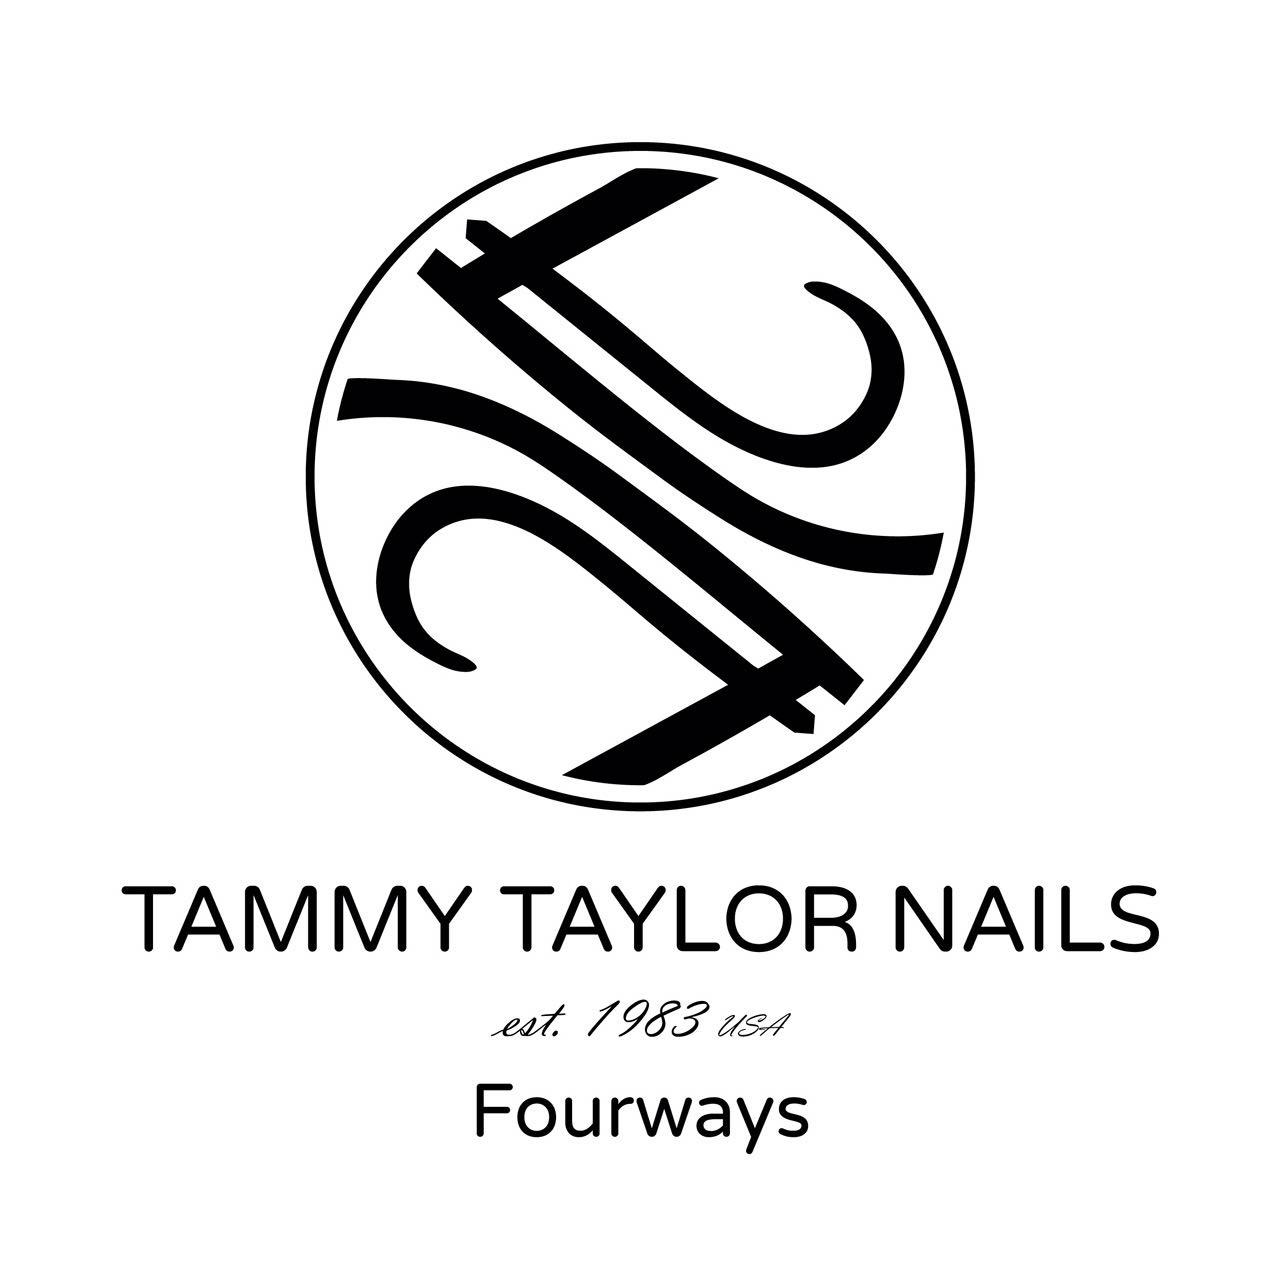 Tammy Taylor Nails Fourways